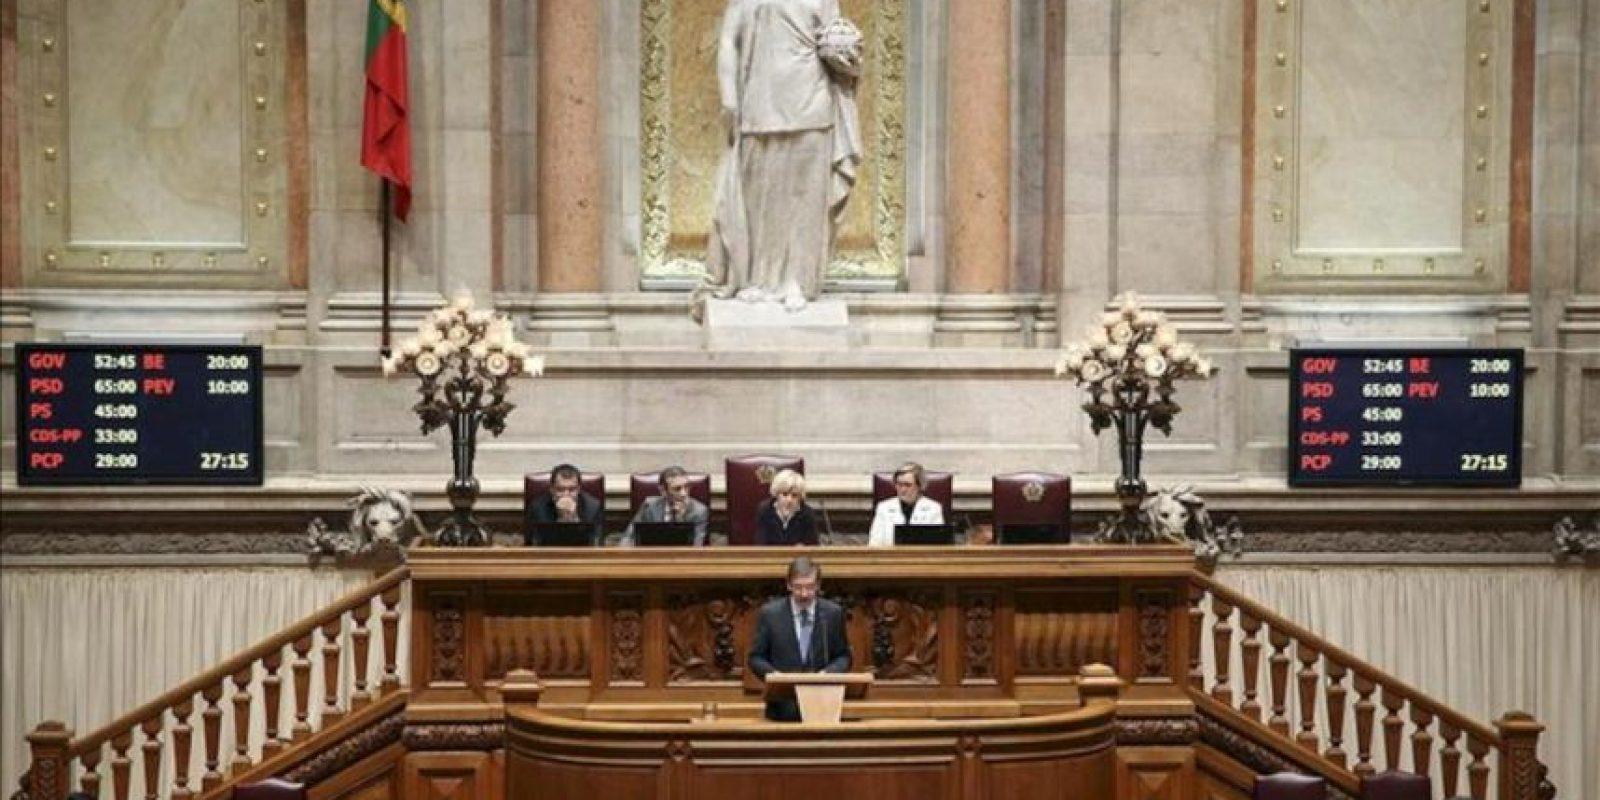 El primer ministro portugués, Pedro Passos Coelho (c), pronuncia un discurso durante la apertura del debate sobre los Presupuestos Generales del Estado para 2013 en el Parlamento, hoy, en Lisboa (Portugal). EFE